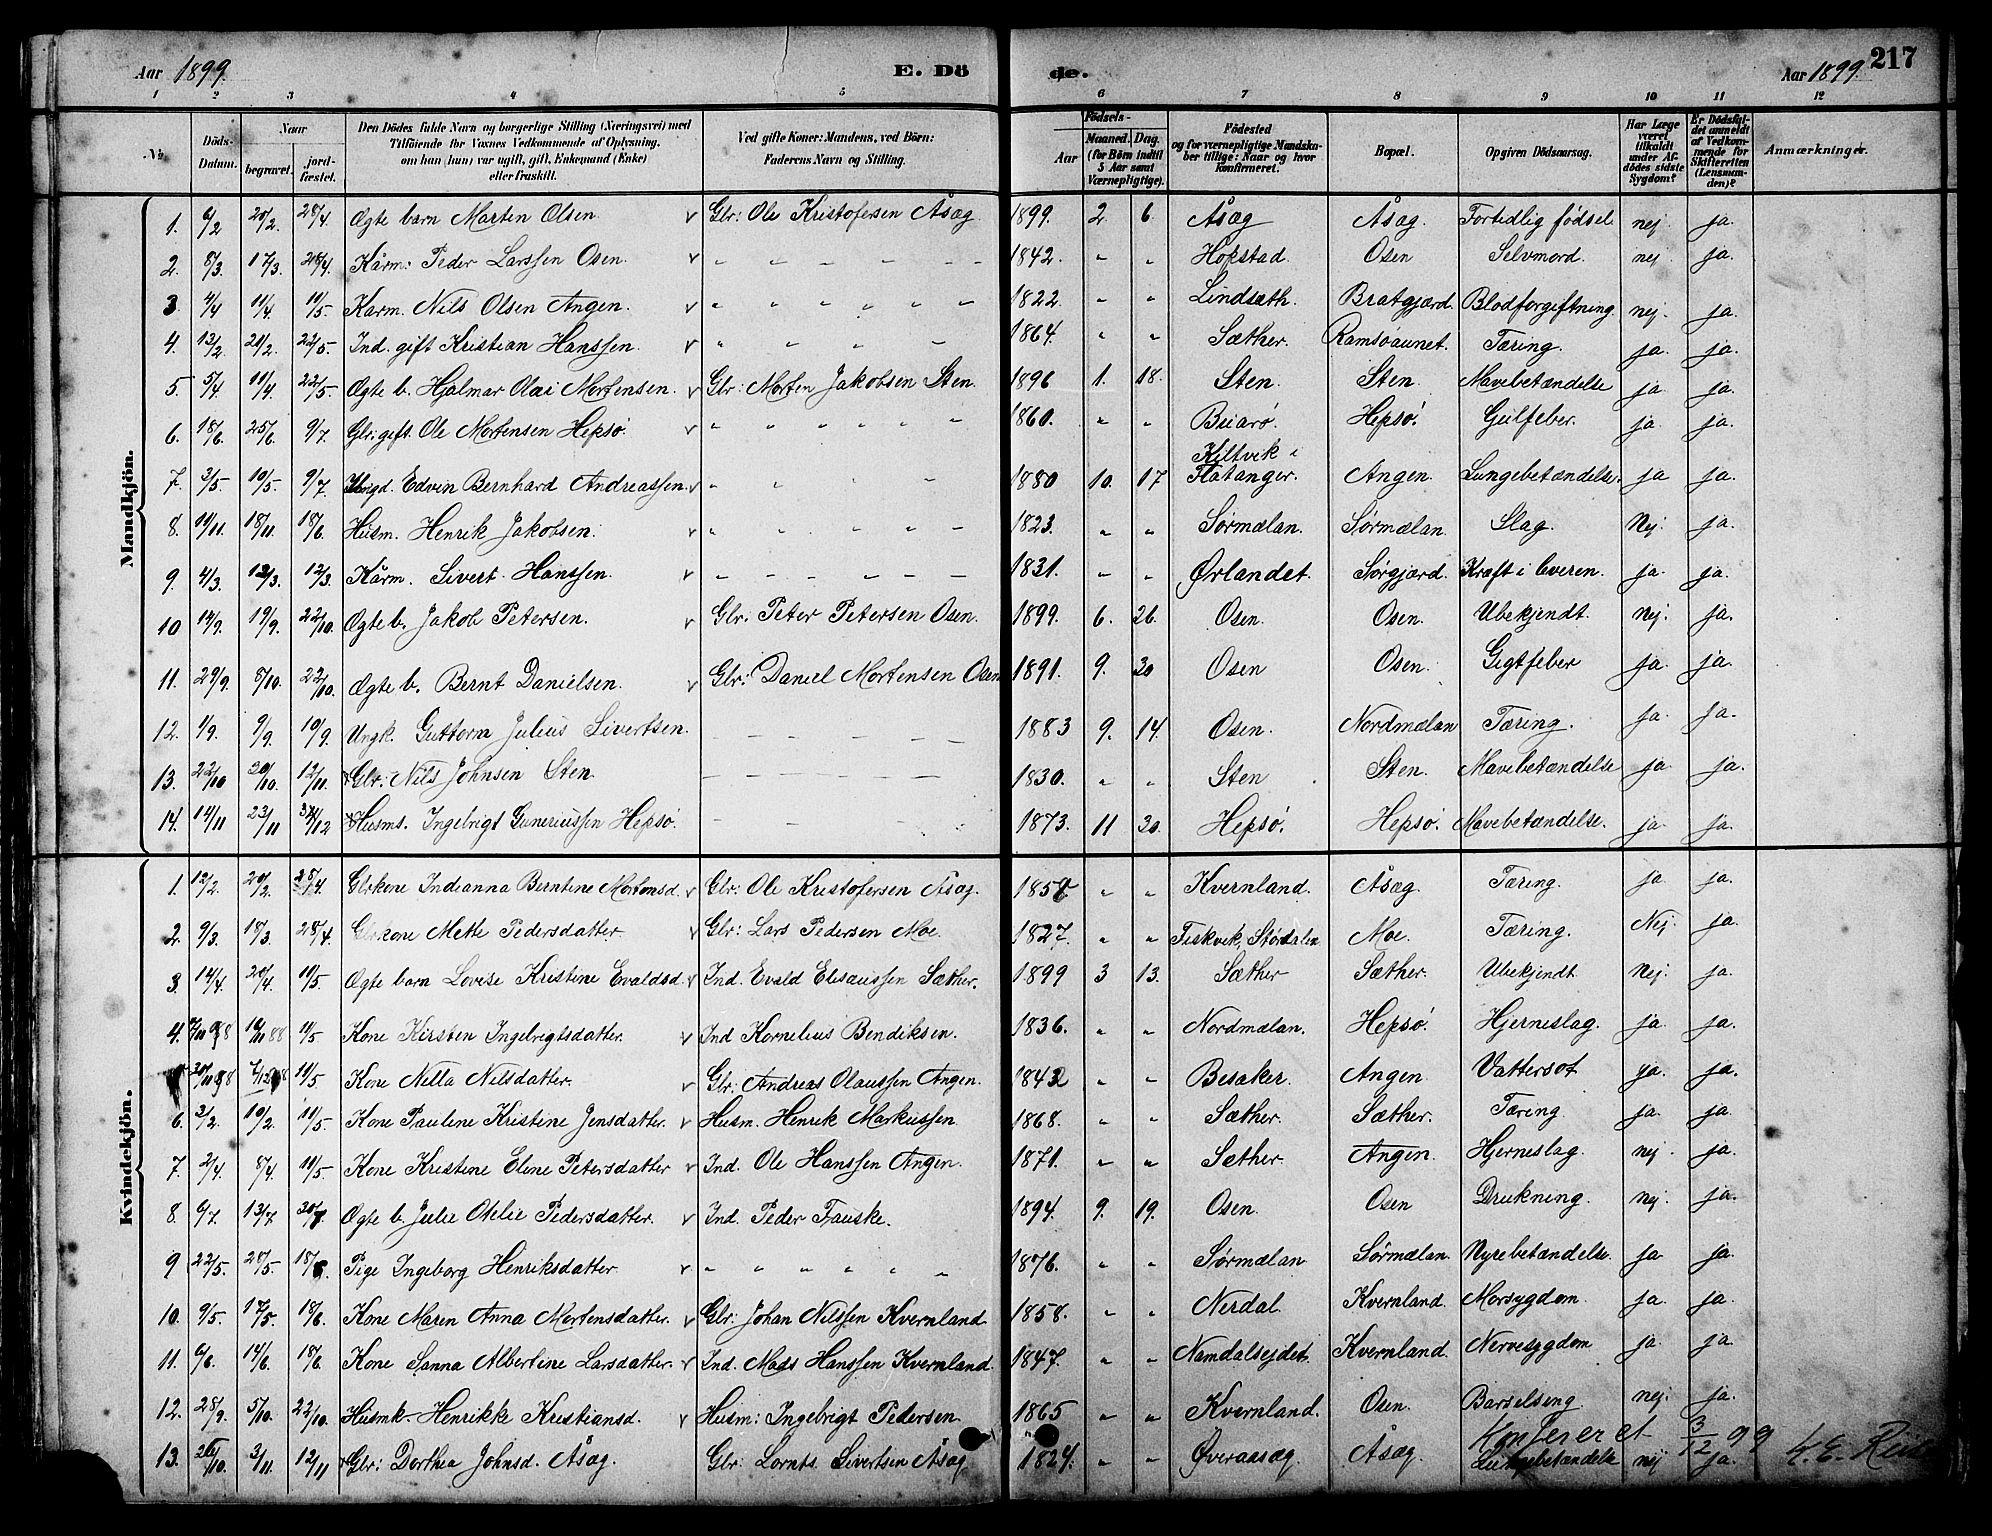 SAT, Ministerialprotokoller, klokkerbøker og fødselsregistre - Sør-Trøndelag, 658/L0726: Klokkerbok nr. 658C02, 1883-1908, s. 217